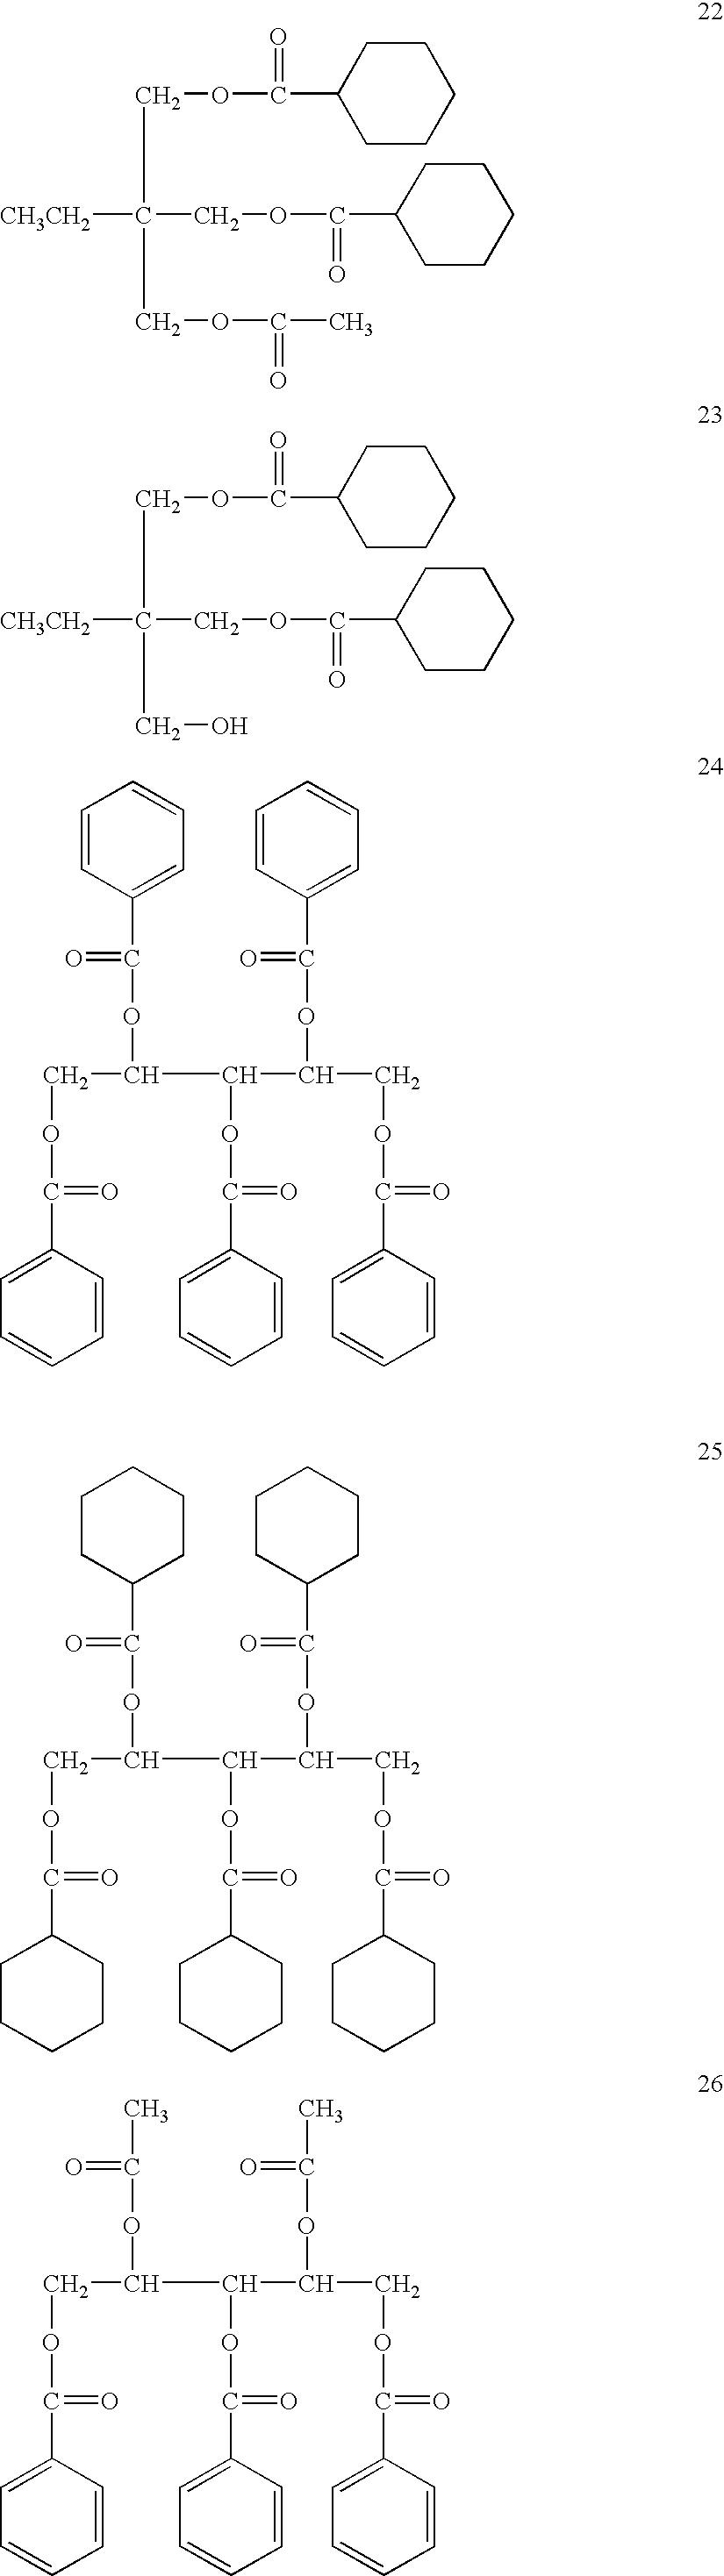 Figure US20040247889A1-20041209-C00003